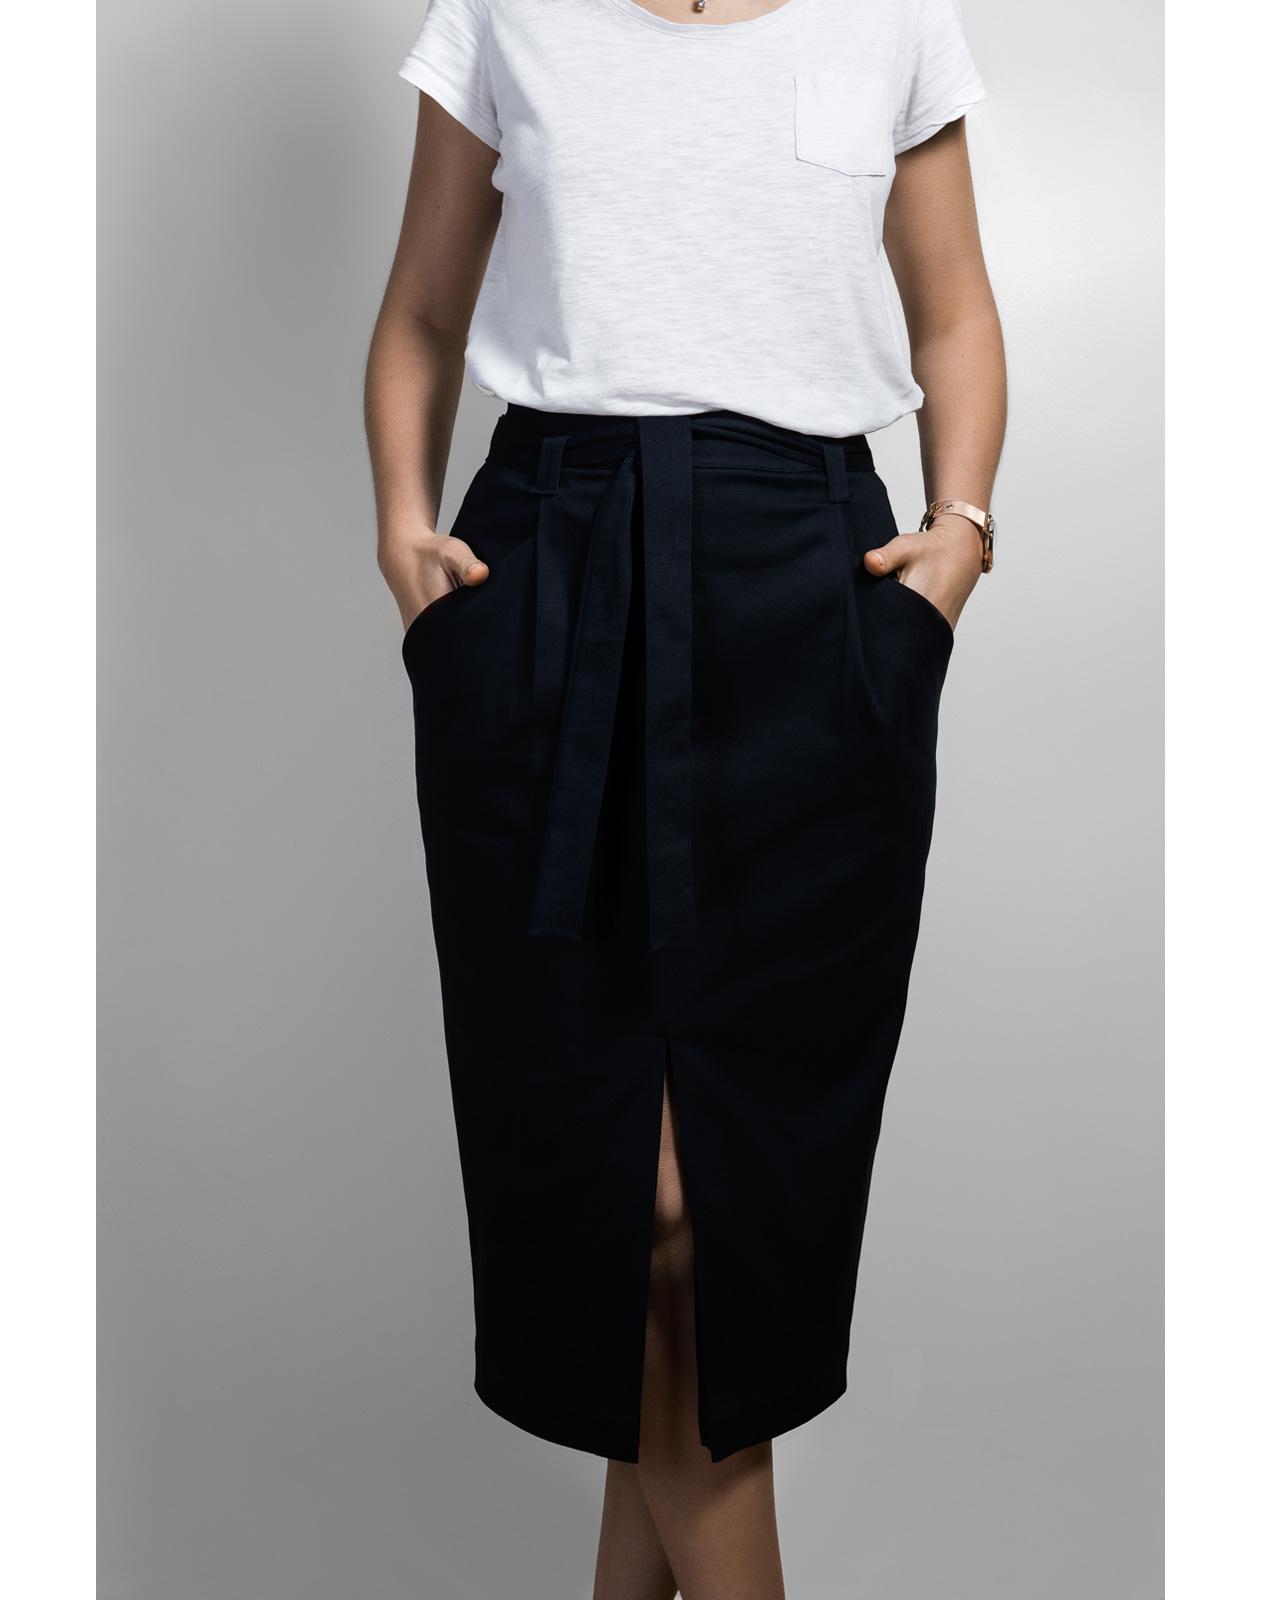 Souvent Jupe Berlin - patron de couture pour femmes | Orageuse HS11